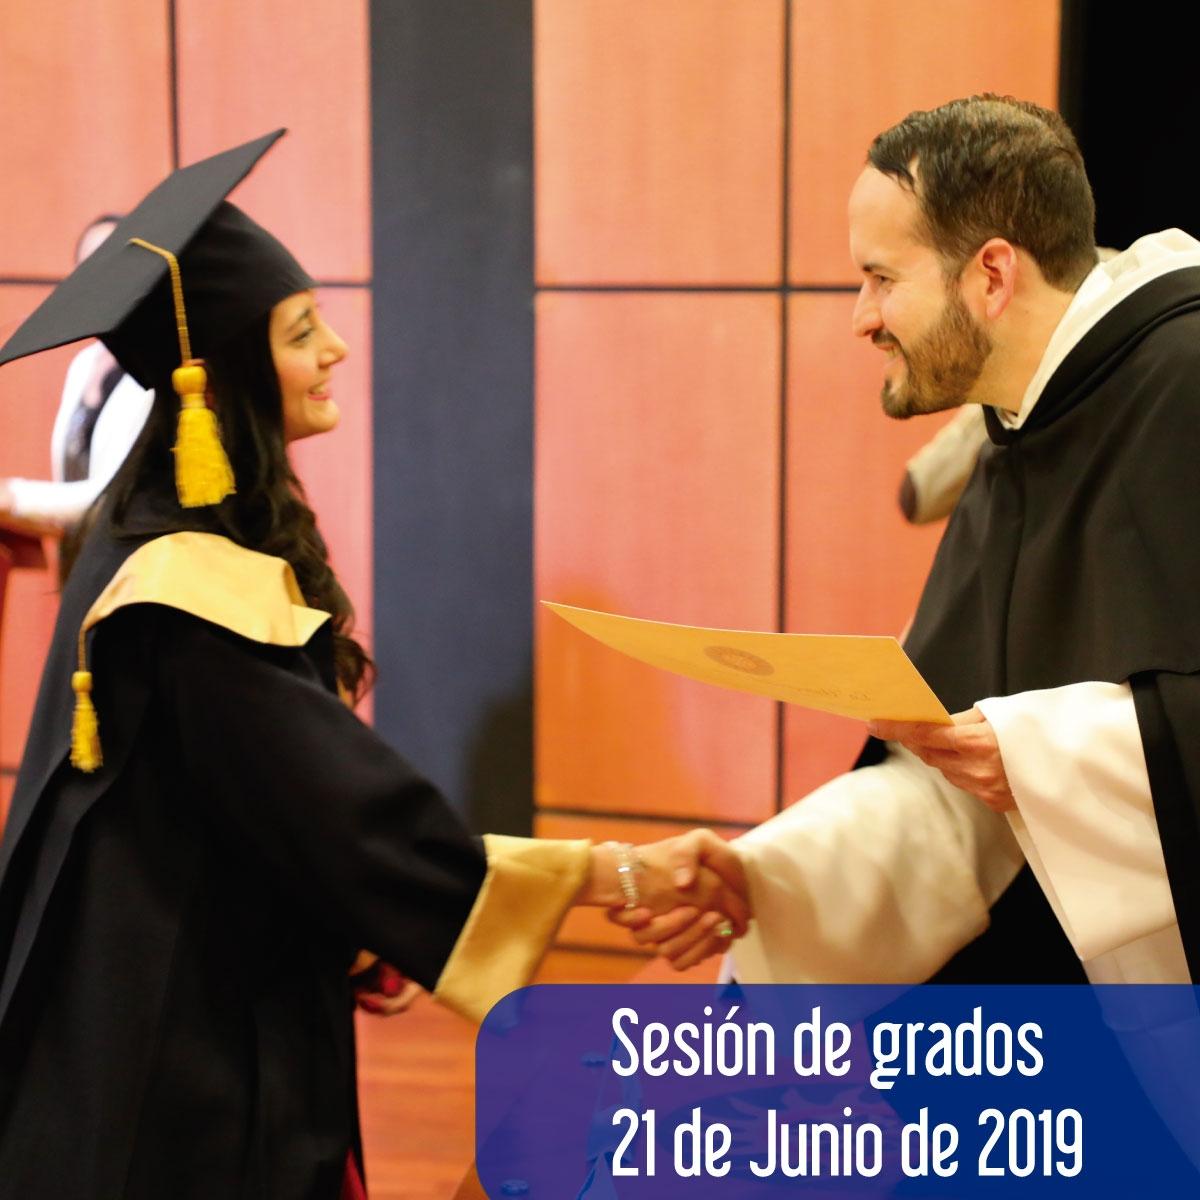 Июнь 21 оценивает сеанс 2019 - список выпускников